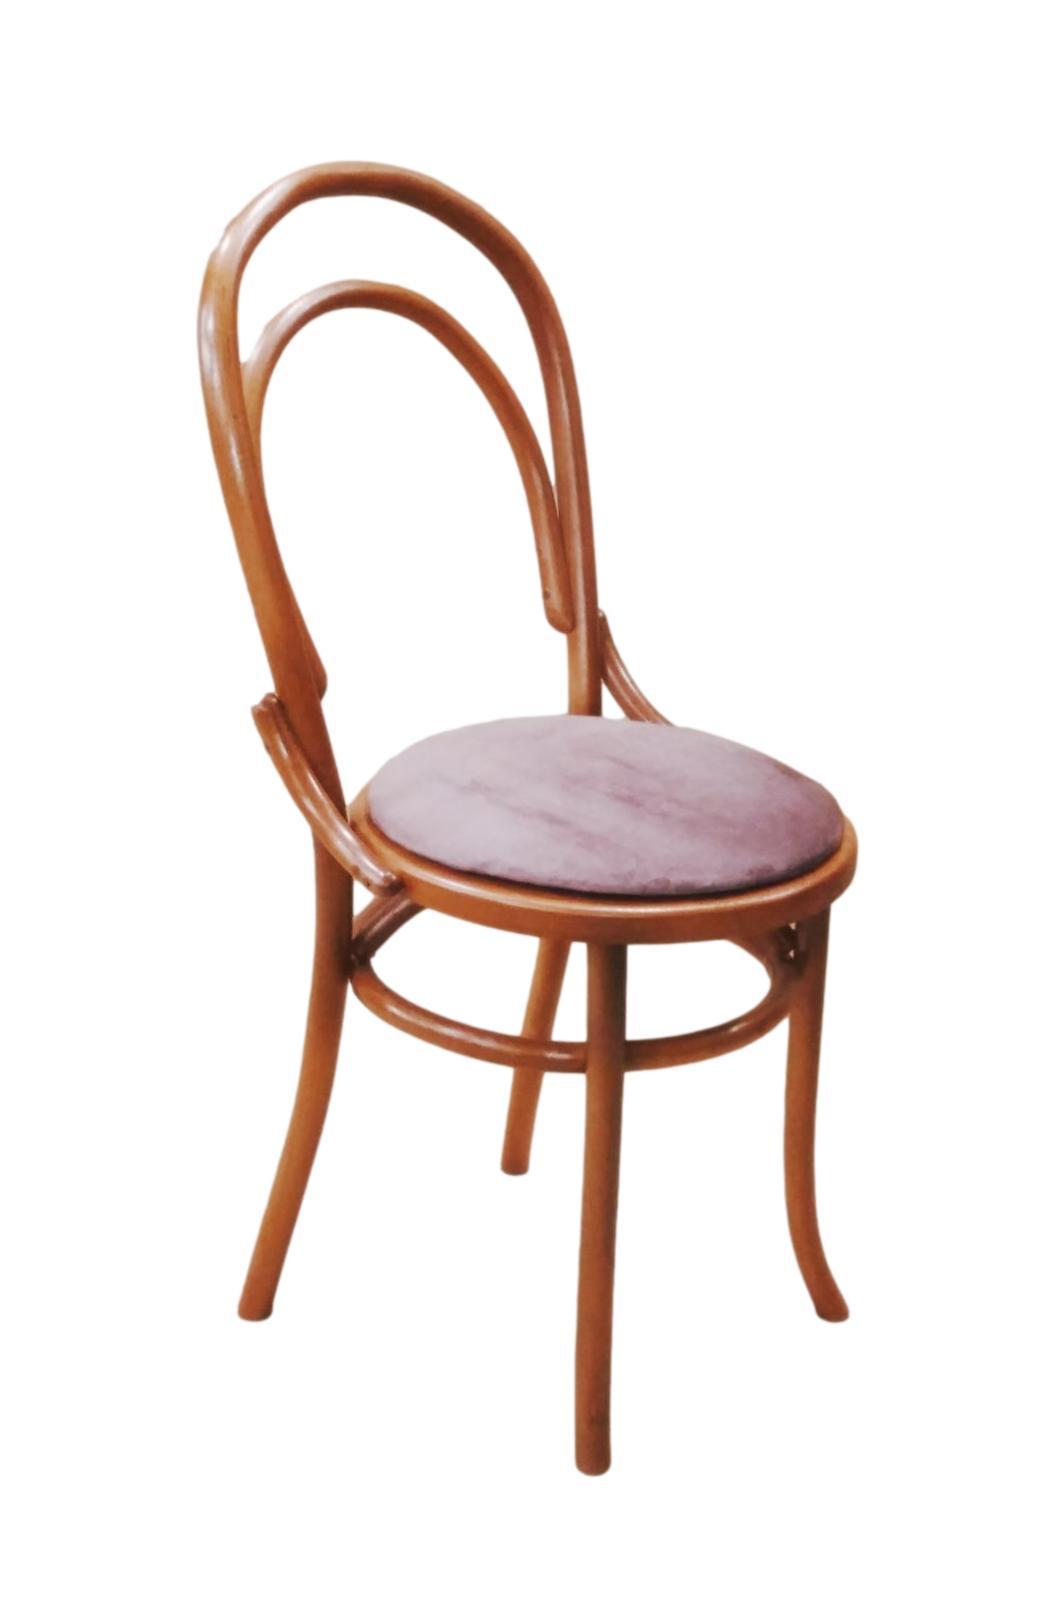 стул из дерева мягкое сиденье под заказ